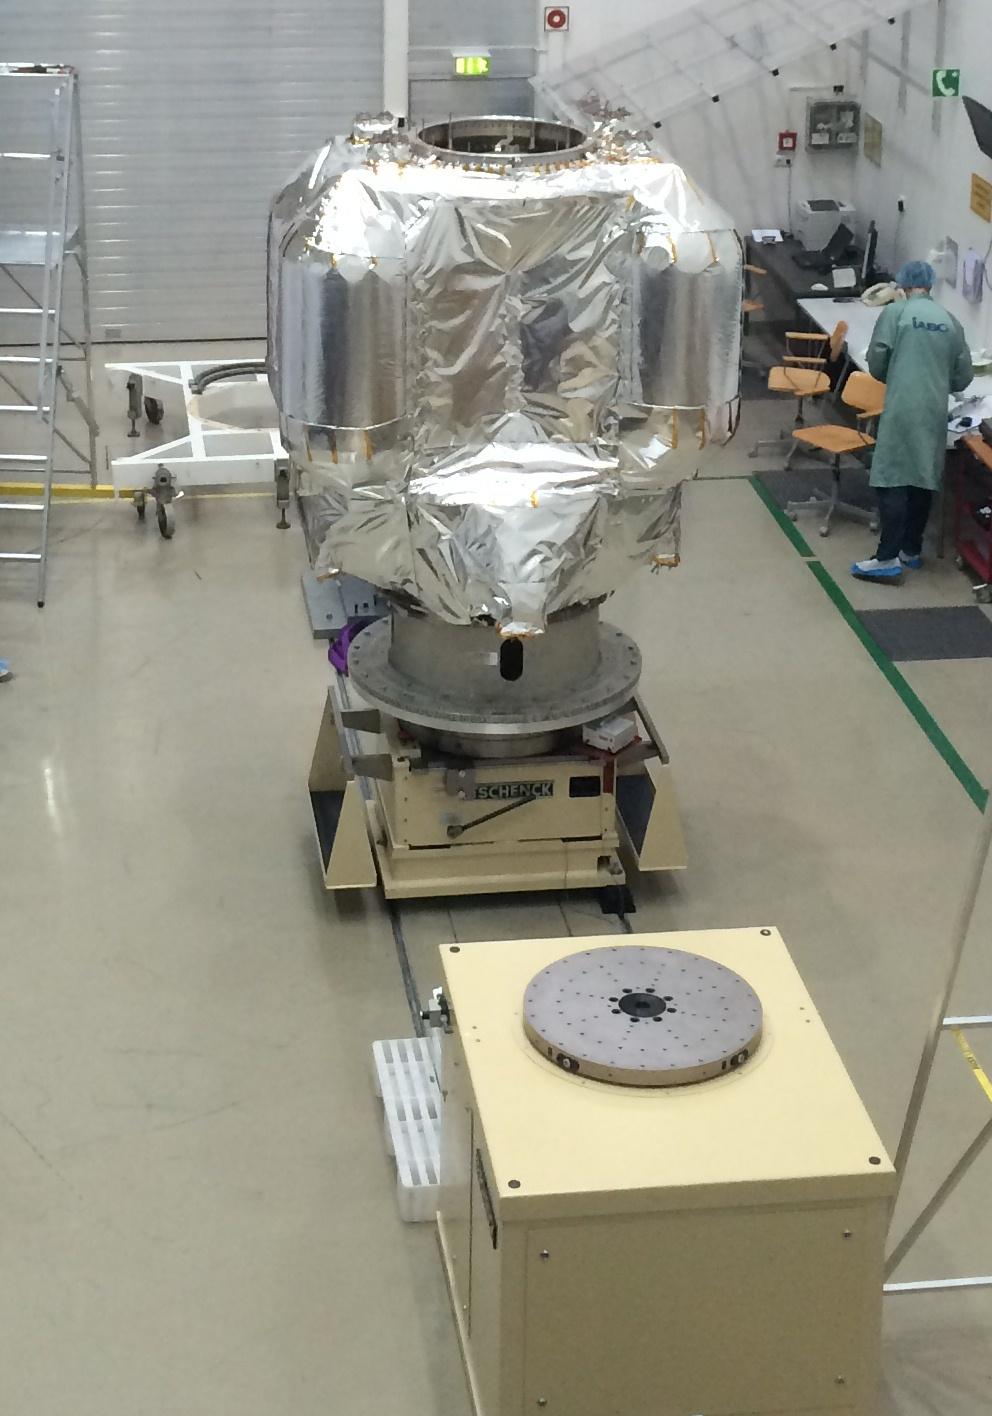 1567216168331-LISA_Pathfinder_propulsion_module_IMG_5039_orig.JPG